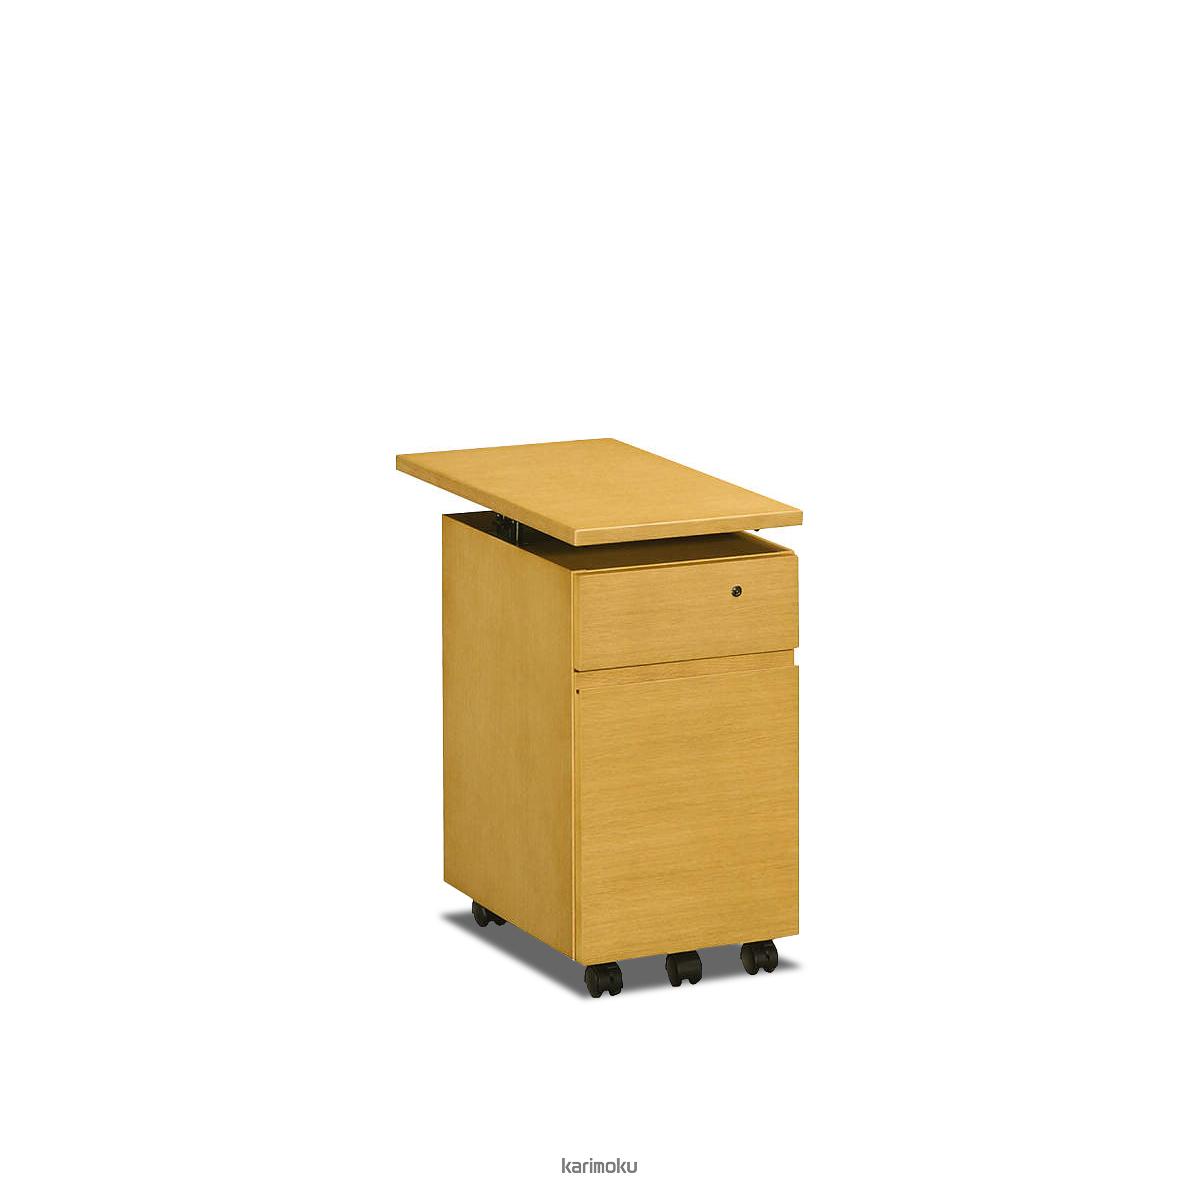 カリモク 学習机 SS0475 ワゴン (デスク奥行き60cm専用, 幅30cm, ナッツシェル色)【全国送料無料】【同梱不可】【店頭受取対応商品】